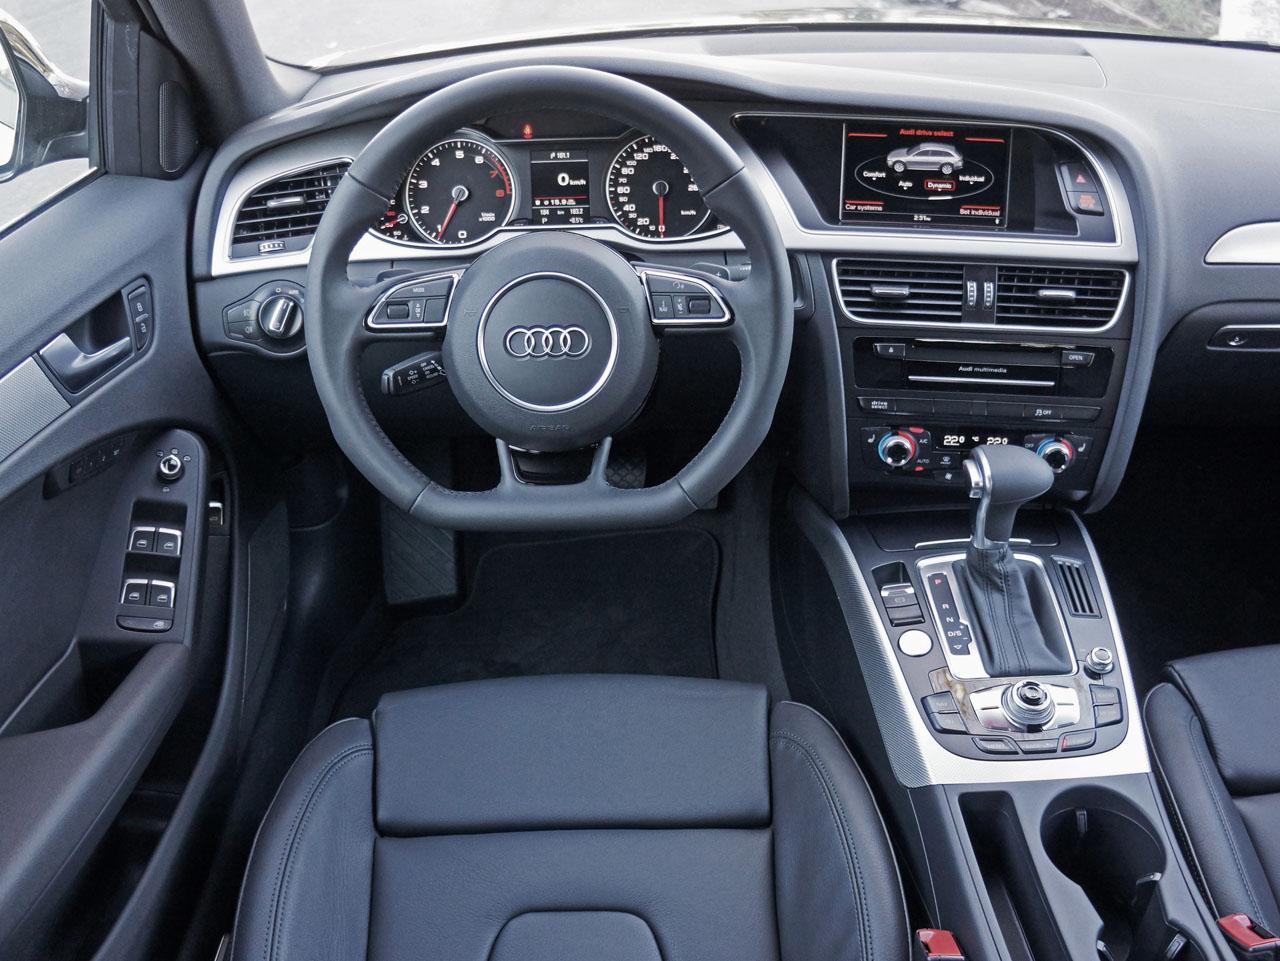 2016 Audi A4 Allroad 2 0 Tfsi Quattro Progressiv Road Test Review Carcostcanada